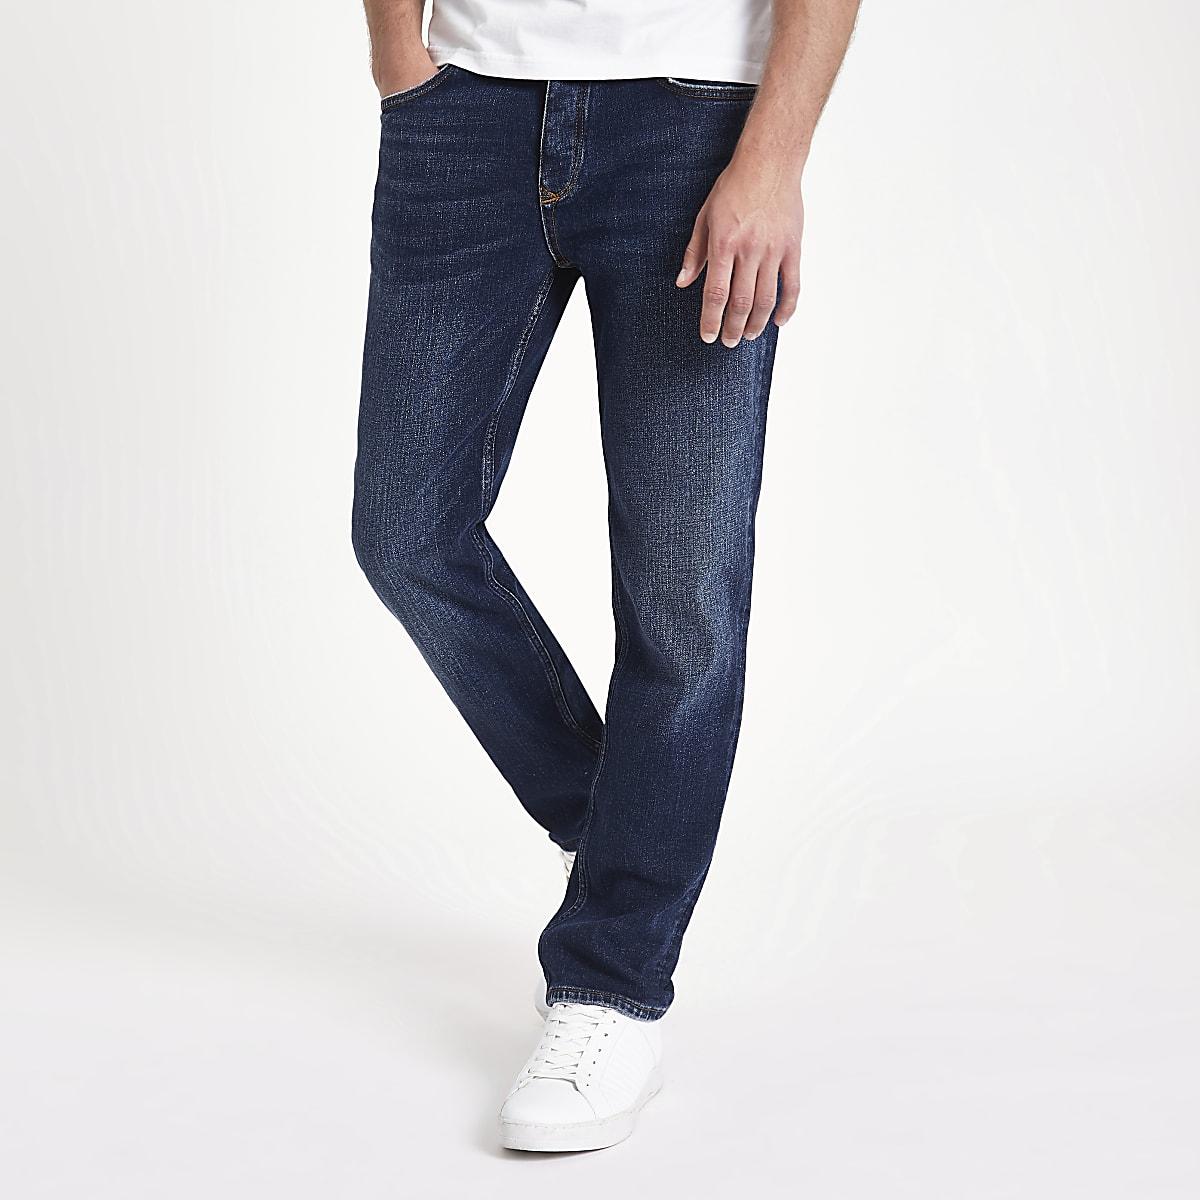 Blue Dean standard jeans